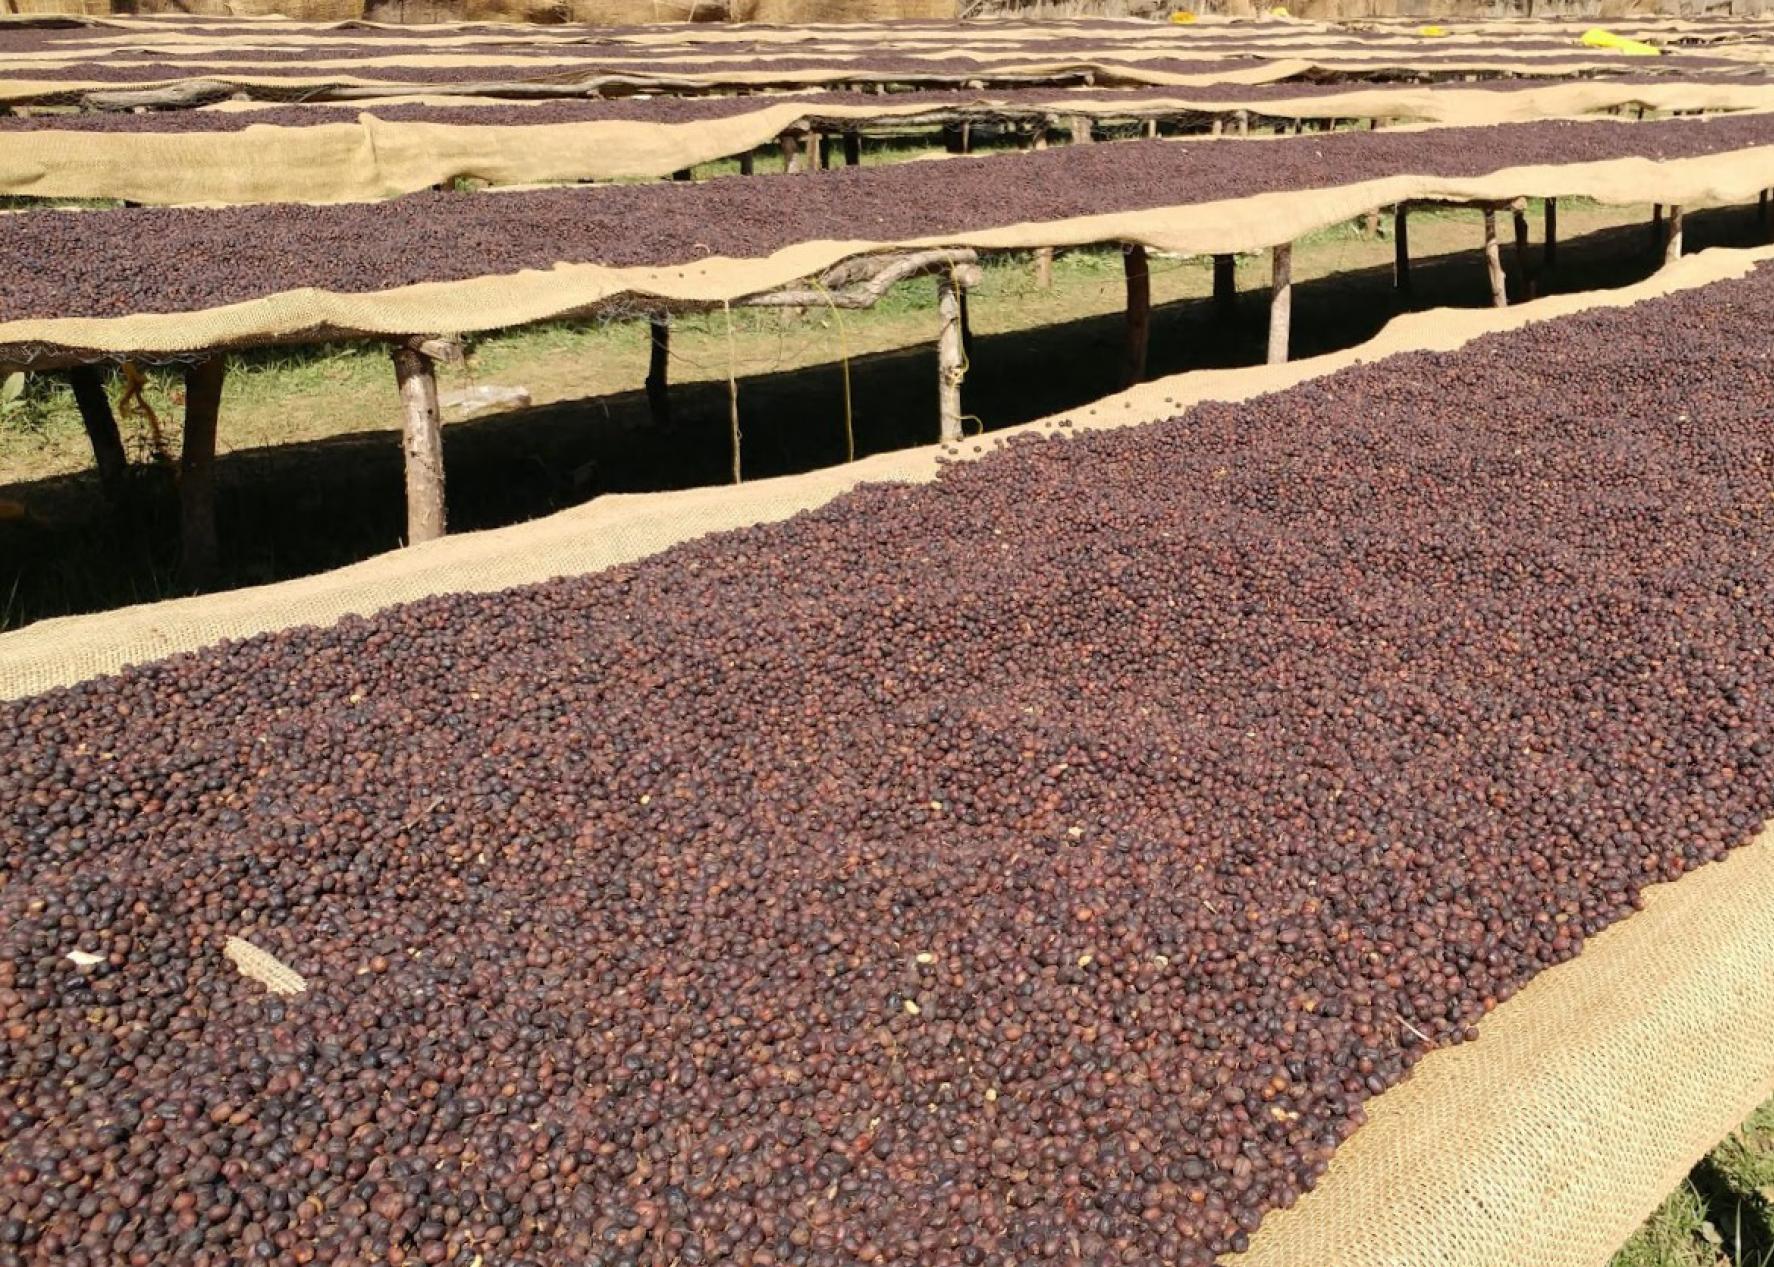 Trocknungsanlage für Kaffeebohnen Äthiopien